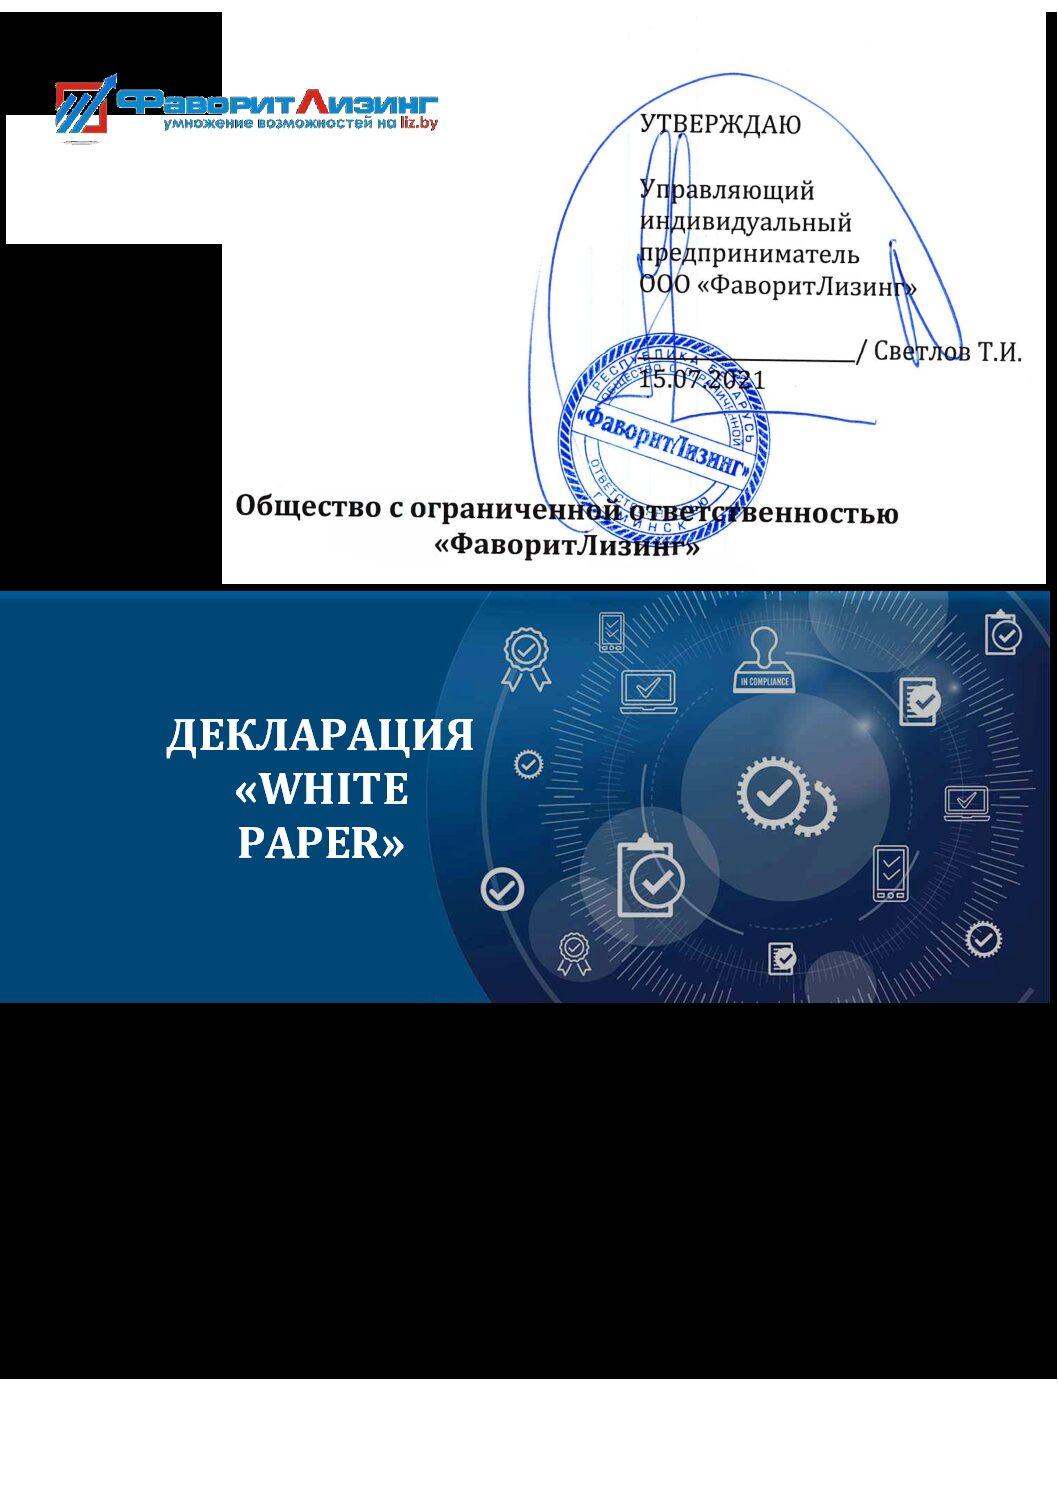 Декларация «White Paper» о создании и размещении цифровых знаков USD_138